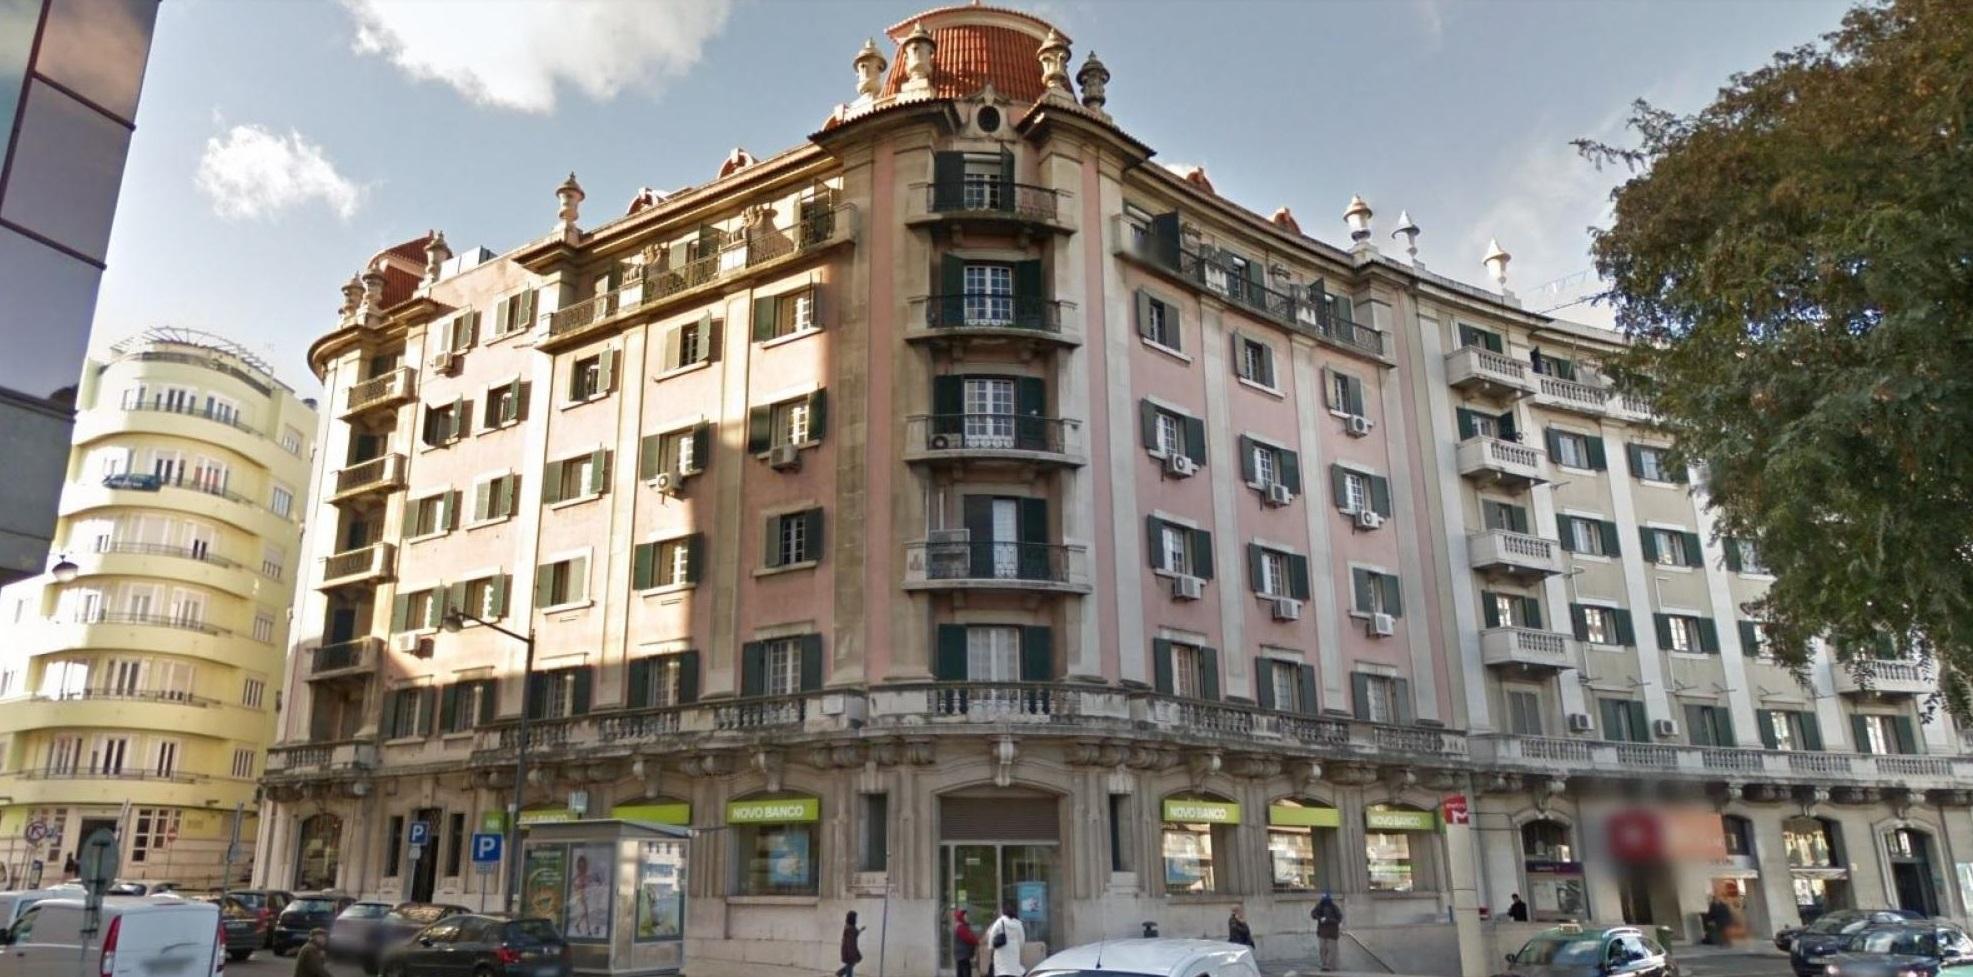 Este imóvel, localizado na Praça Duque de Saldanha 32, vai ser transformado em hotel / Vision Real Estate Solutions